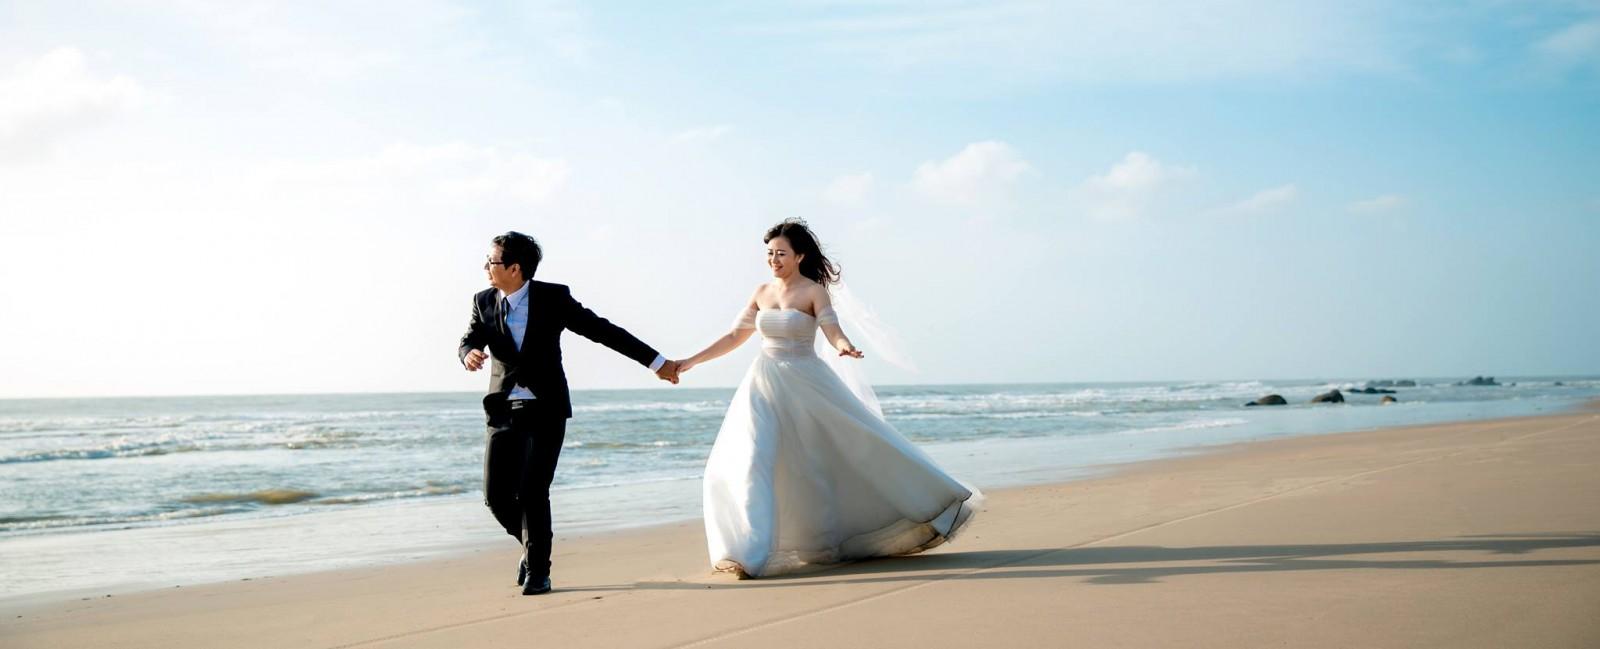 Đây là một trong những địa điểm chụp ảnh cưới đẹp ở Vũng Tàu bạn không nên bỏ qua.